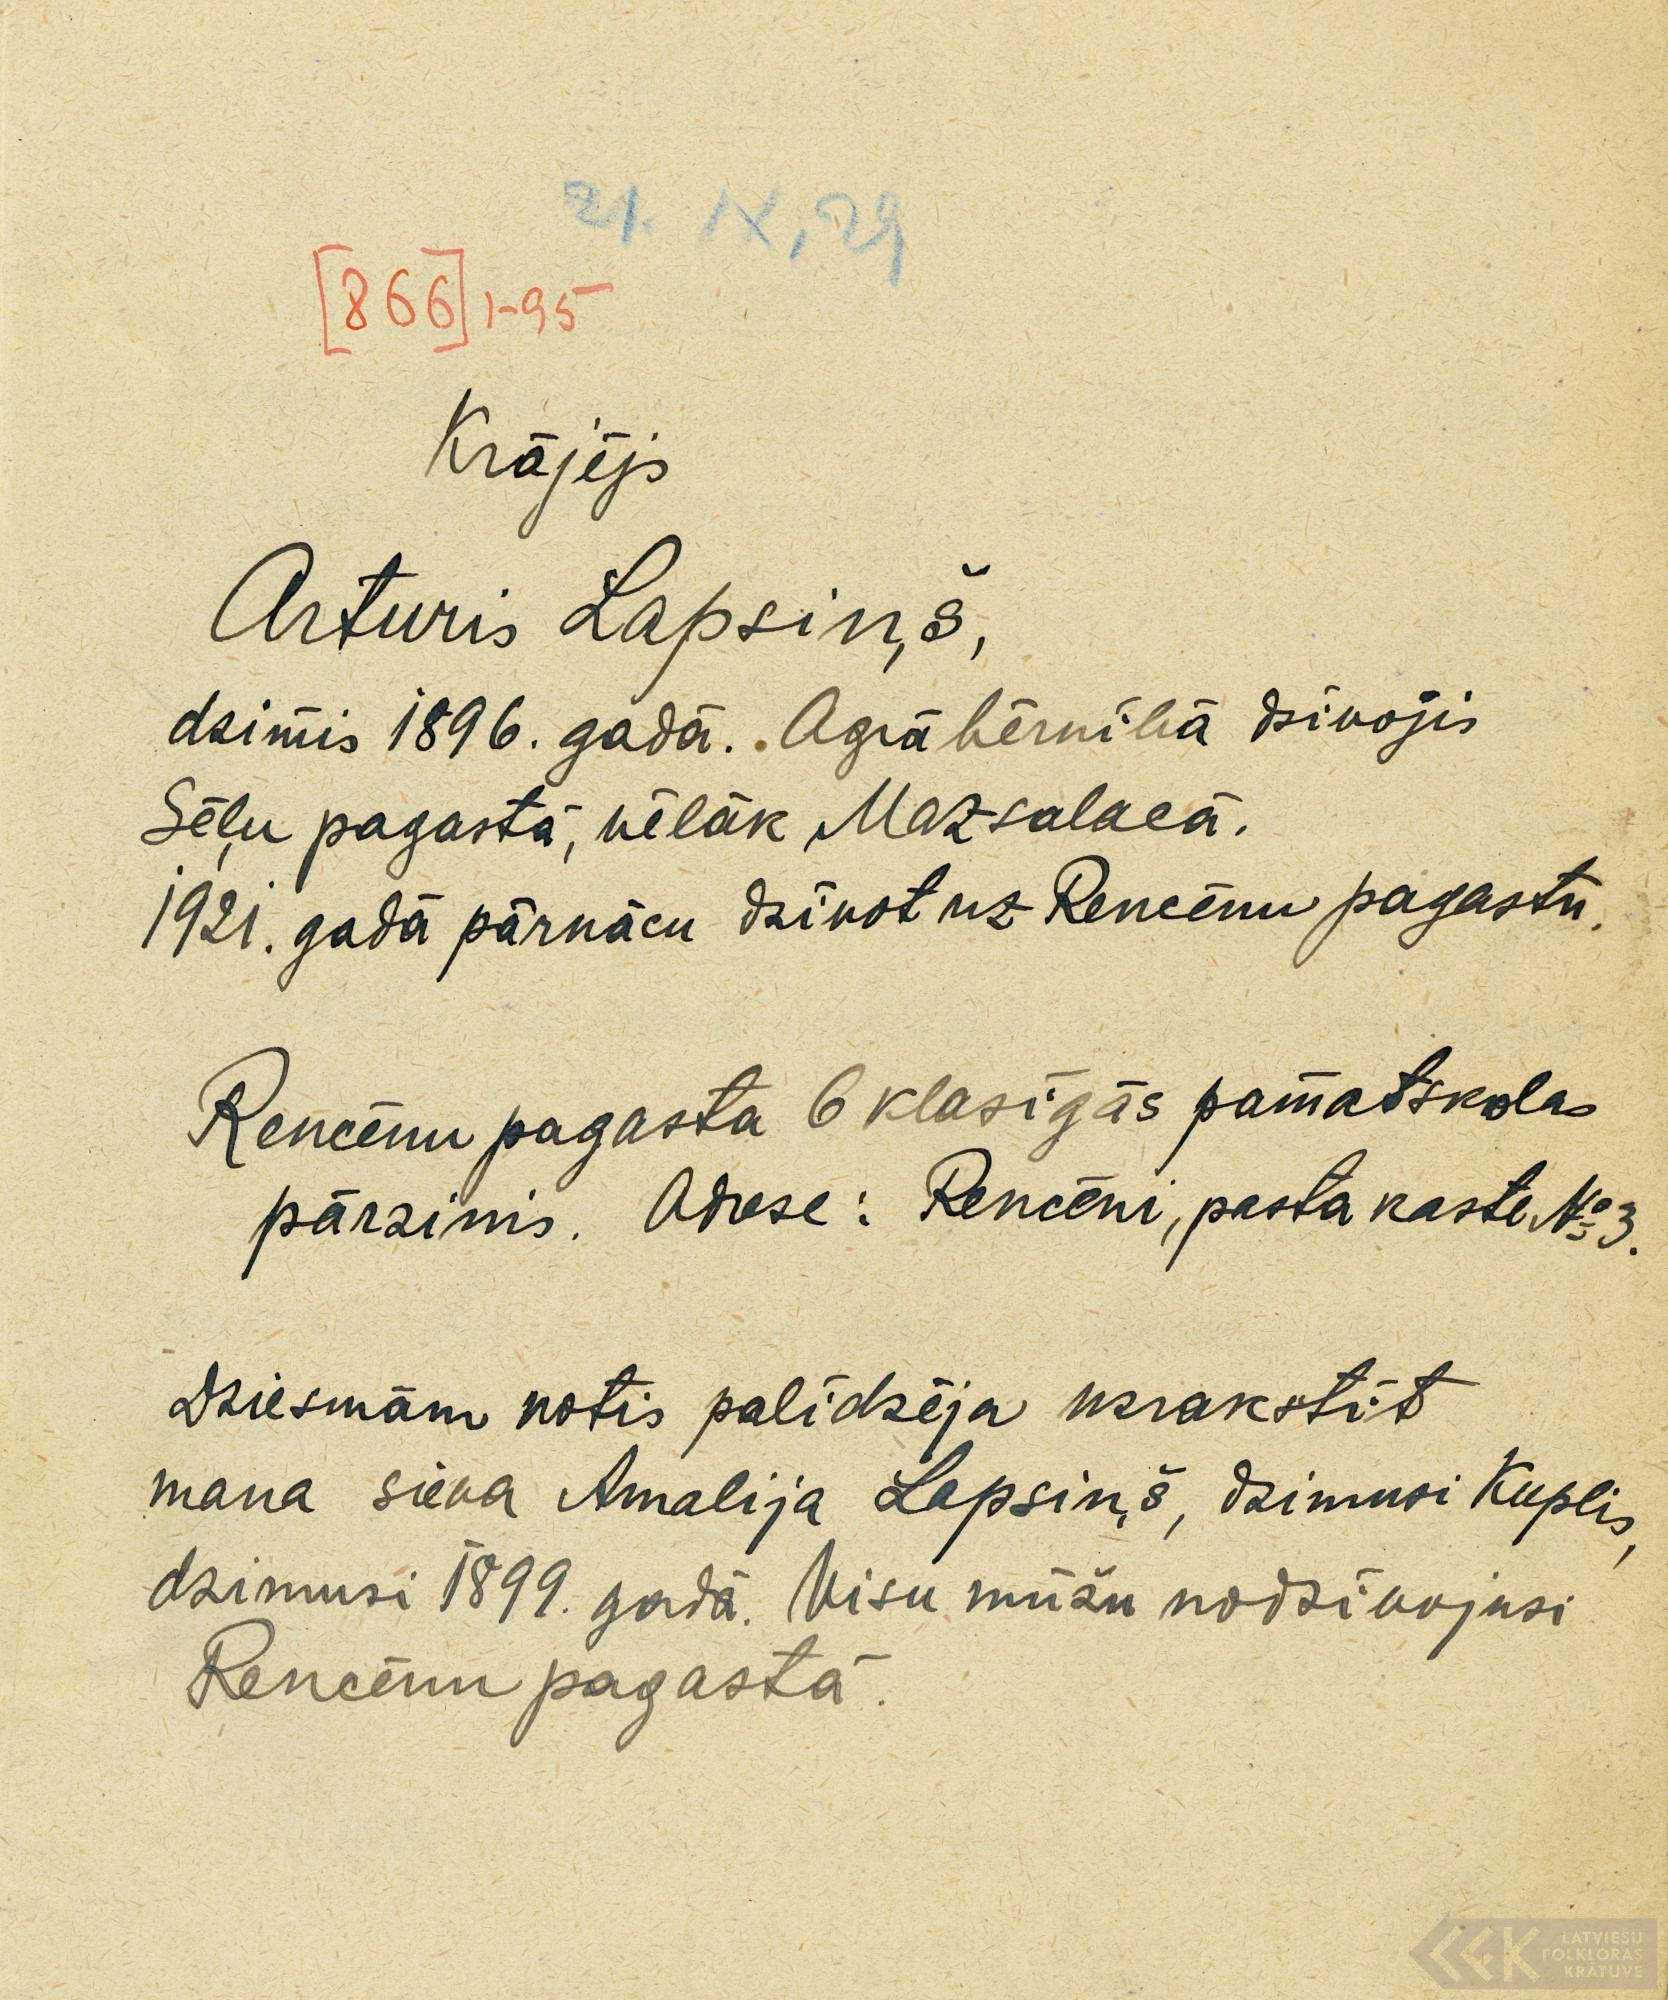 Arturs Lapsiņš